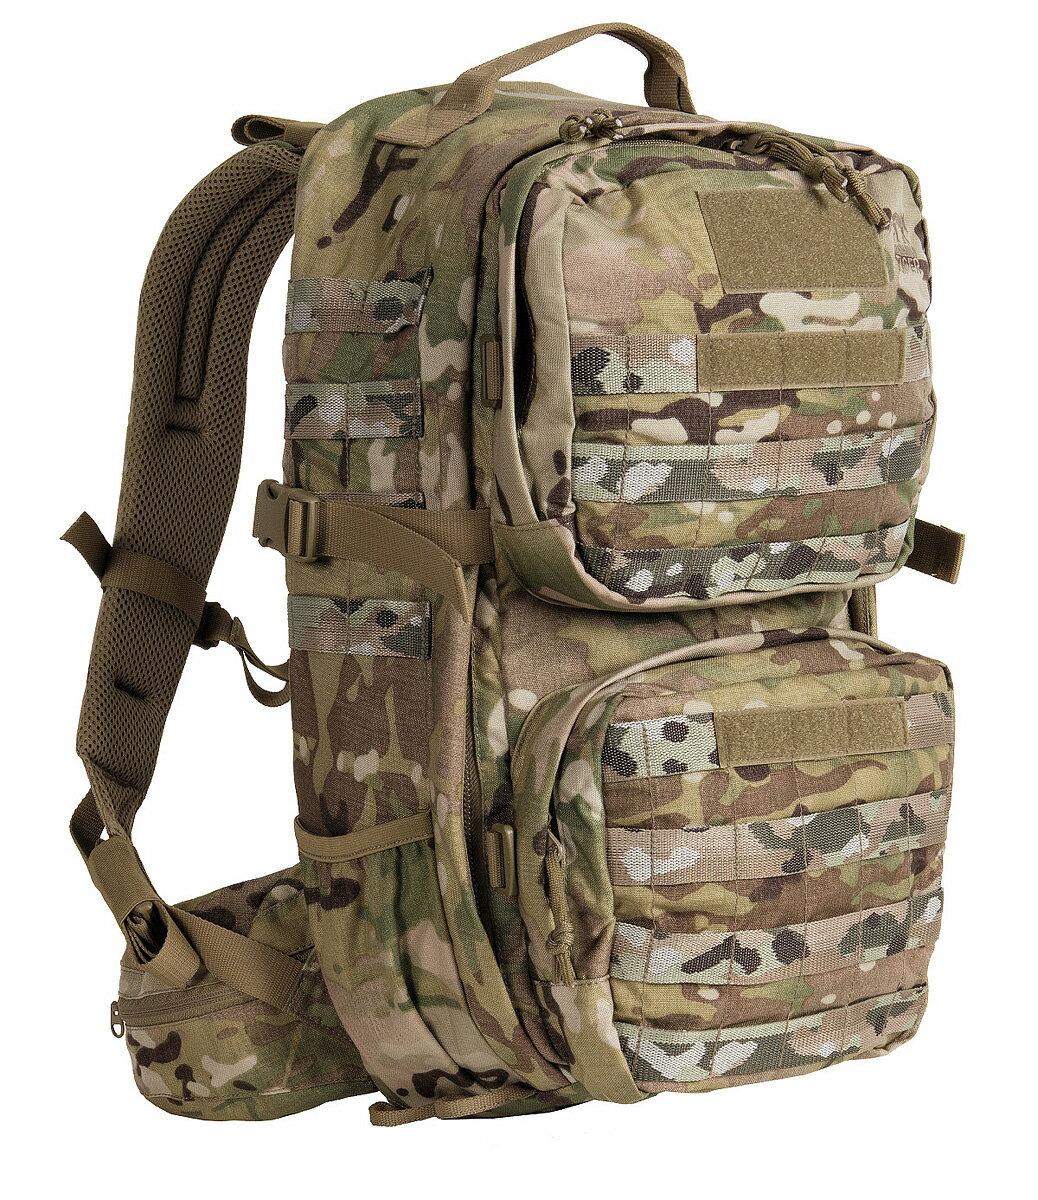 タスマニアンタイガー コンバットパック MK2 マルチカム(メイン22L+2つのポーチ8L=計30L)・Tasmanian Tiger Combat Pack MK2 【正規輸入代理店直売】【送料無料】ミリタリー バックパック リュックサック